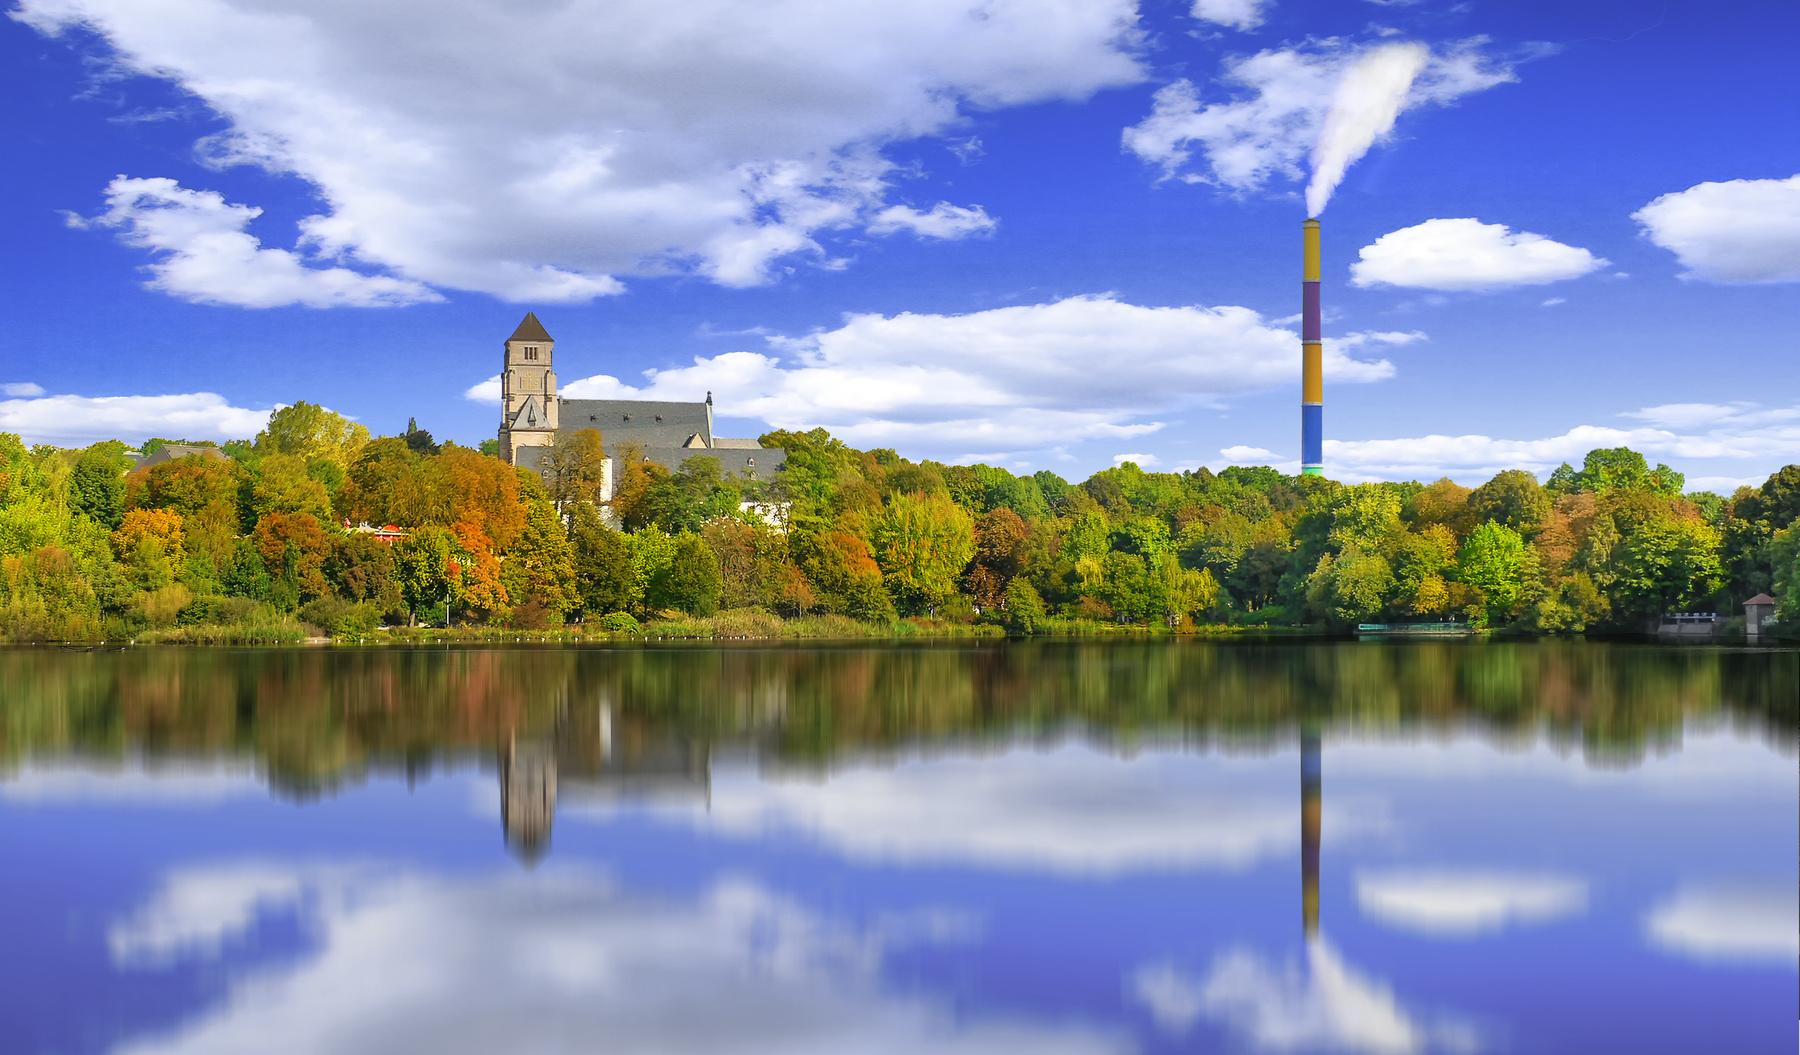 Hotelreinigung-Chemnitz und Housekeeping-Chemnitz